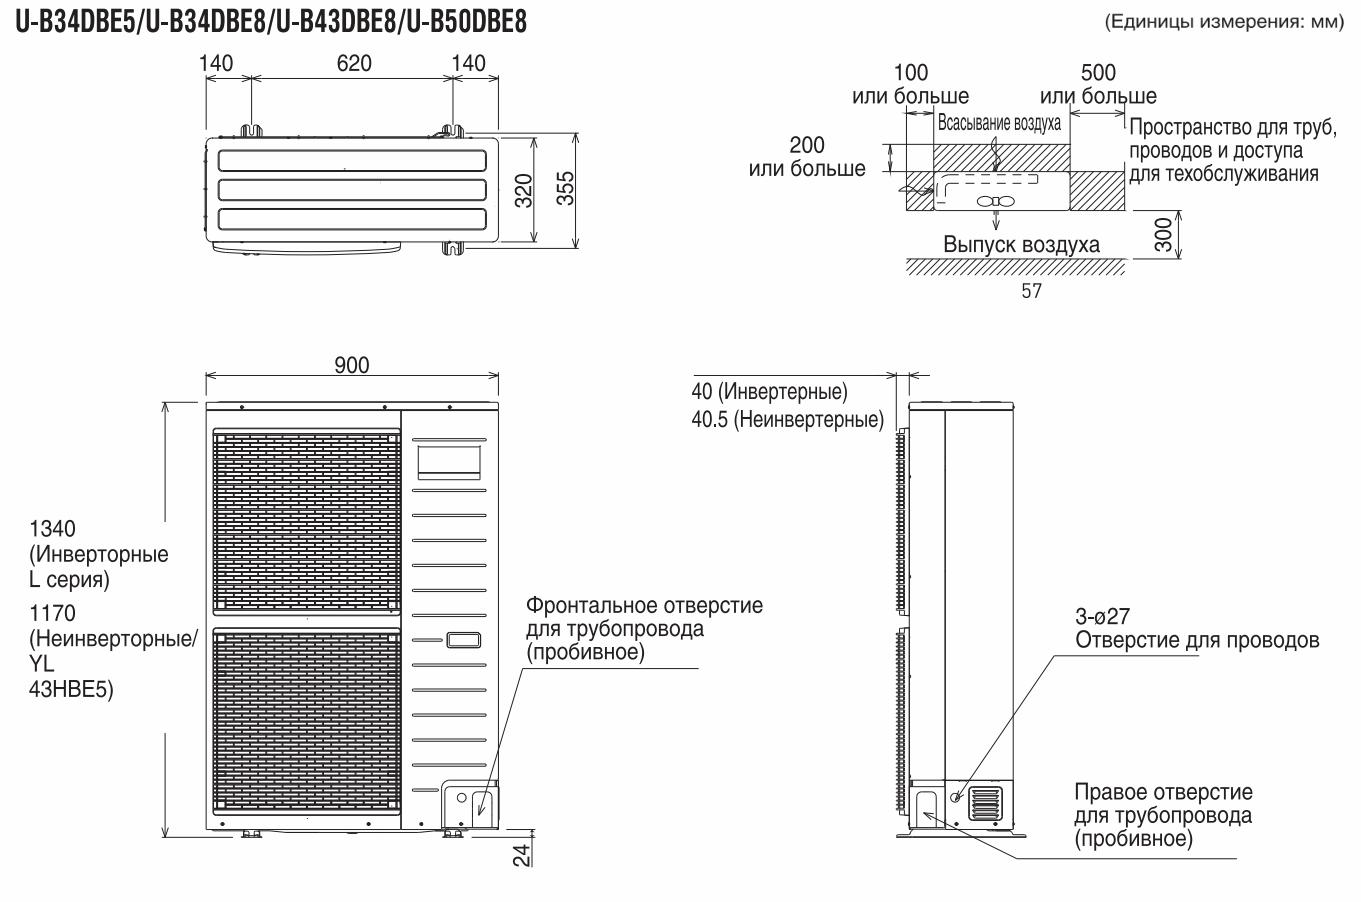 Габаритные размеры кондиционера U-B34DBE8